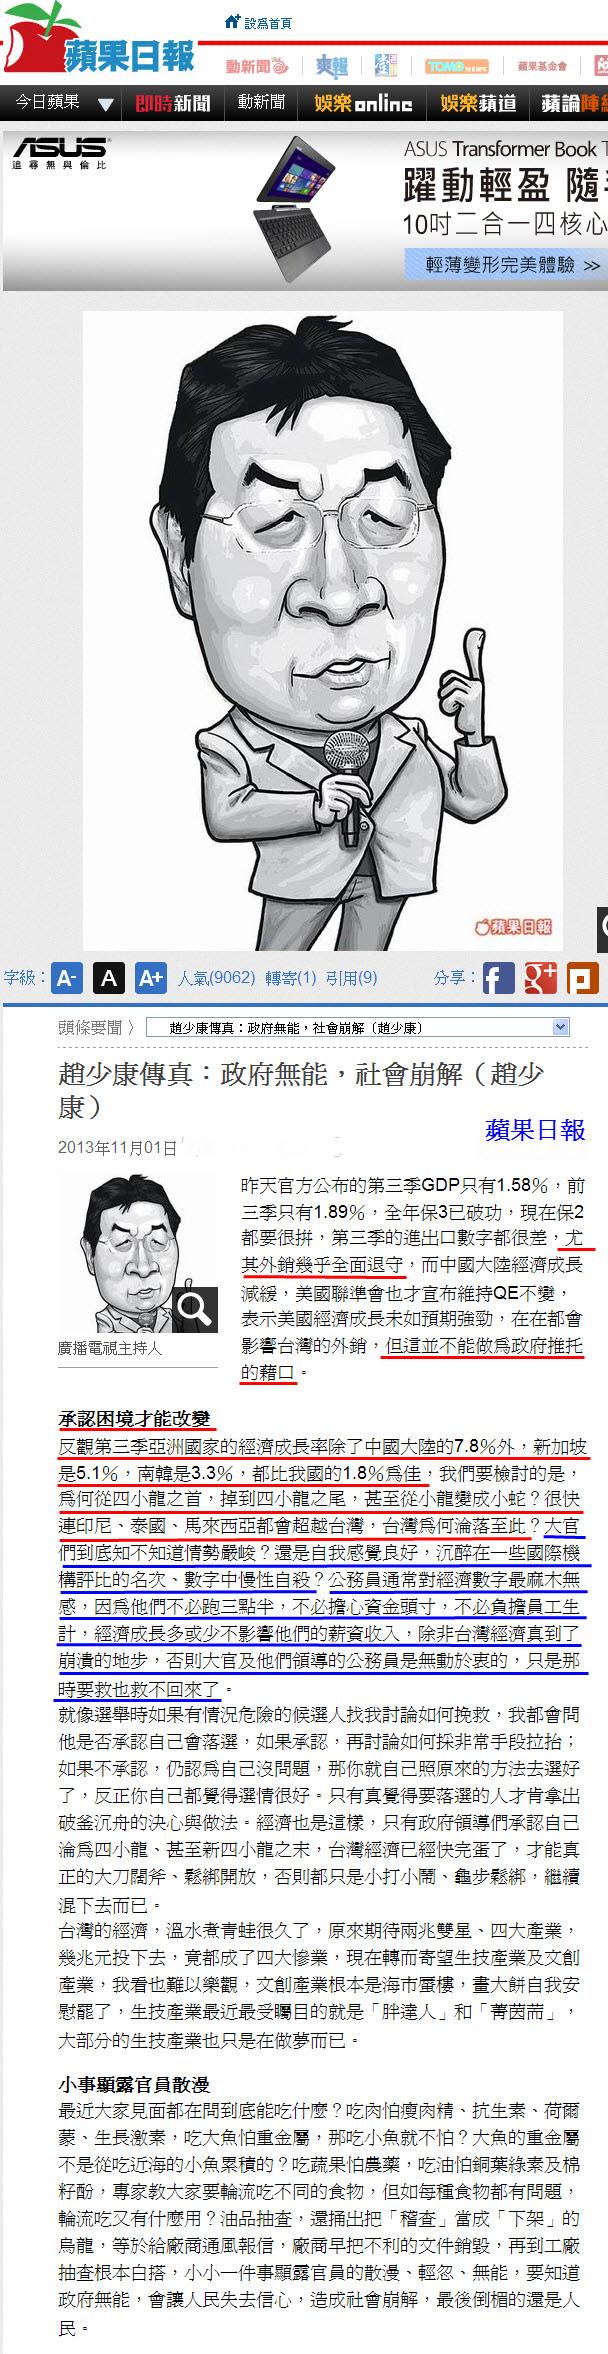 趙少康傳真:政府無能,社會崩解(趙少康)-2013.11.01-01.jpg